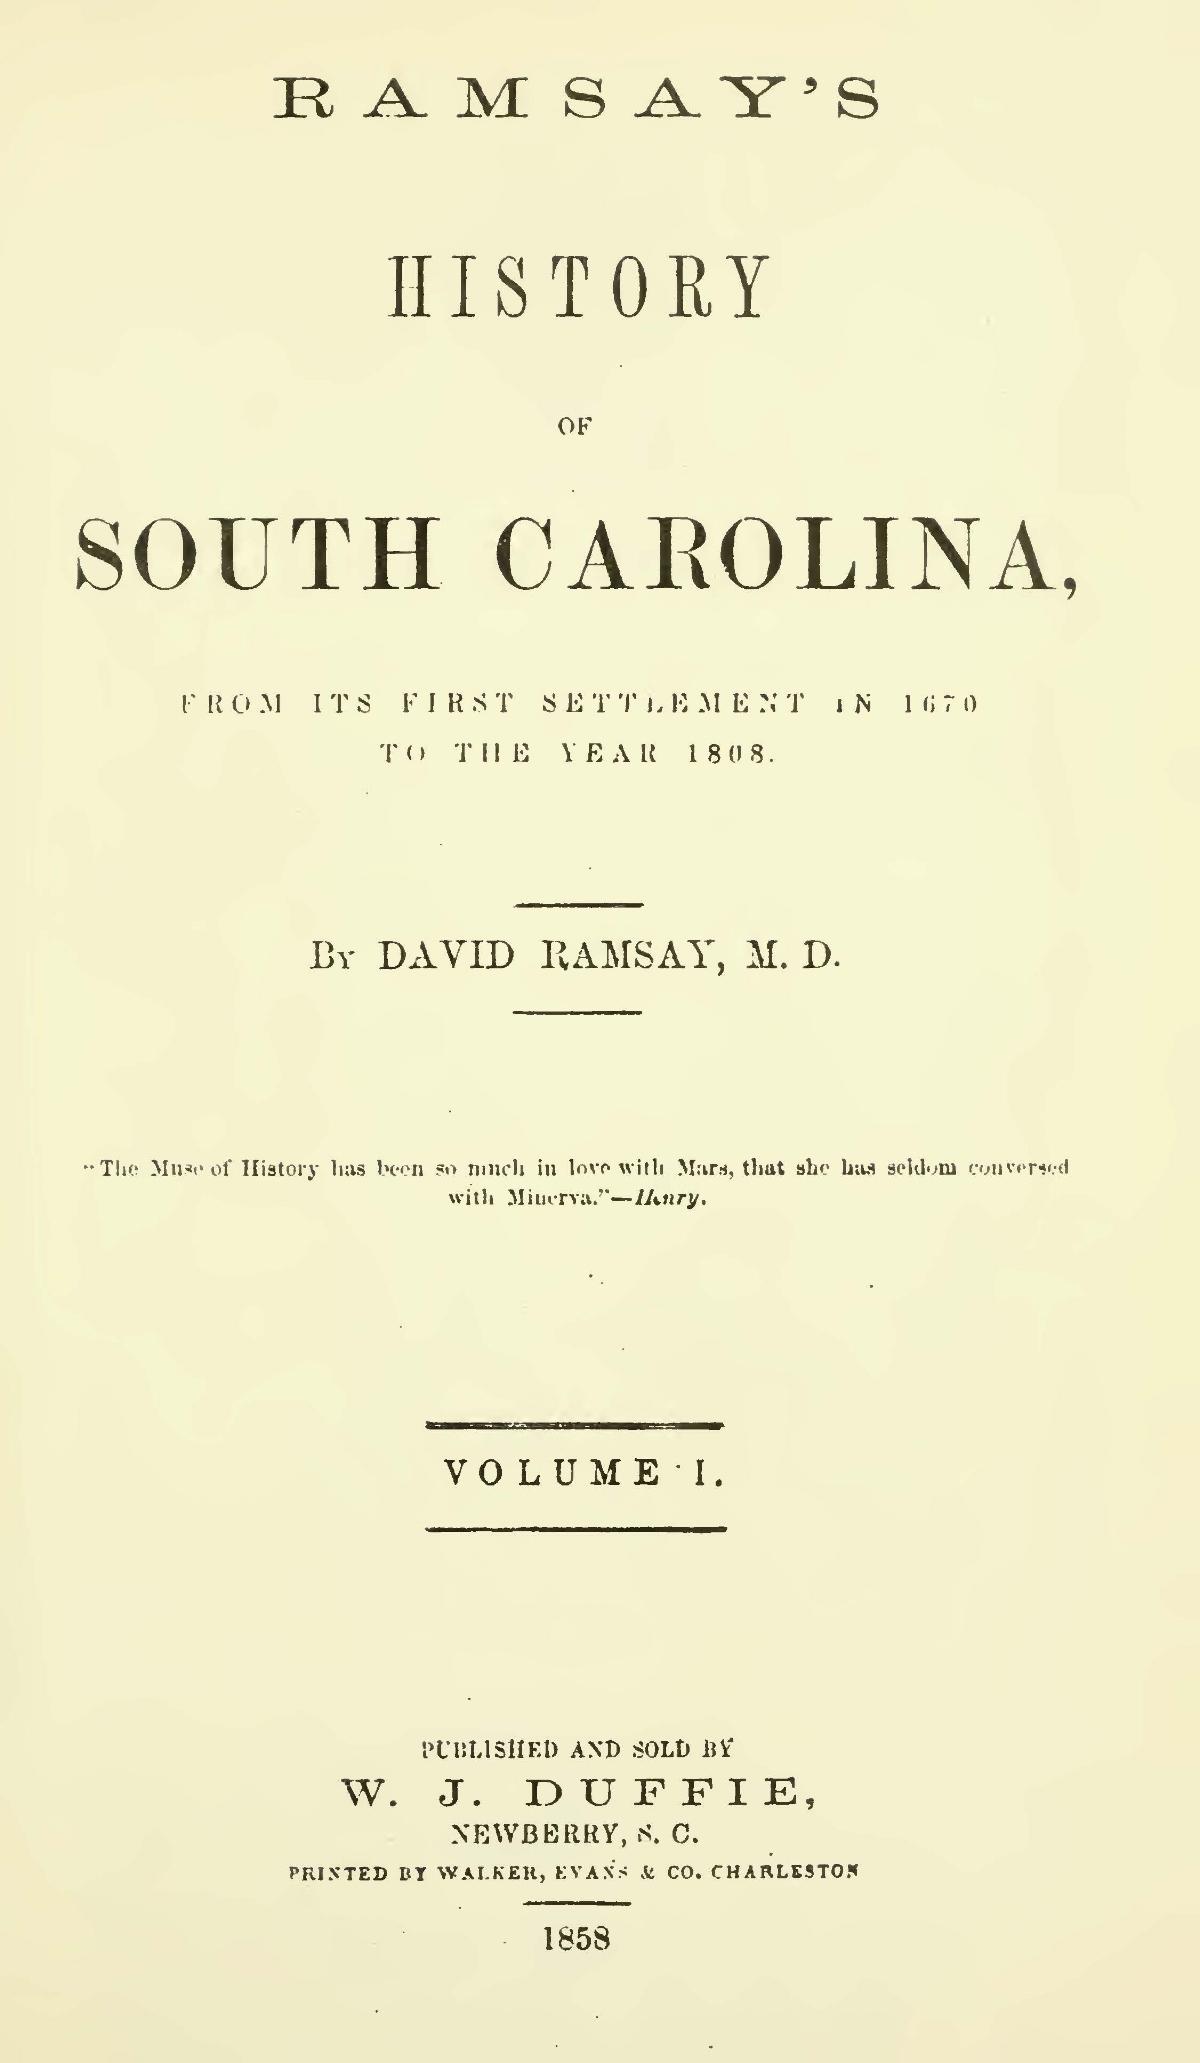 Ramsay, David, History of South Carolina, Vol. 1 Title Page.jpg